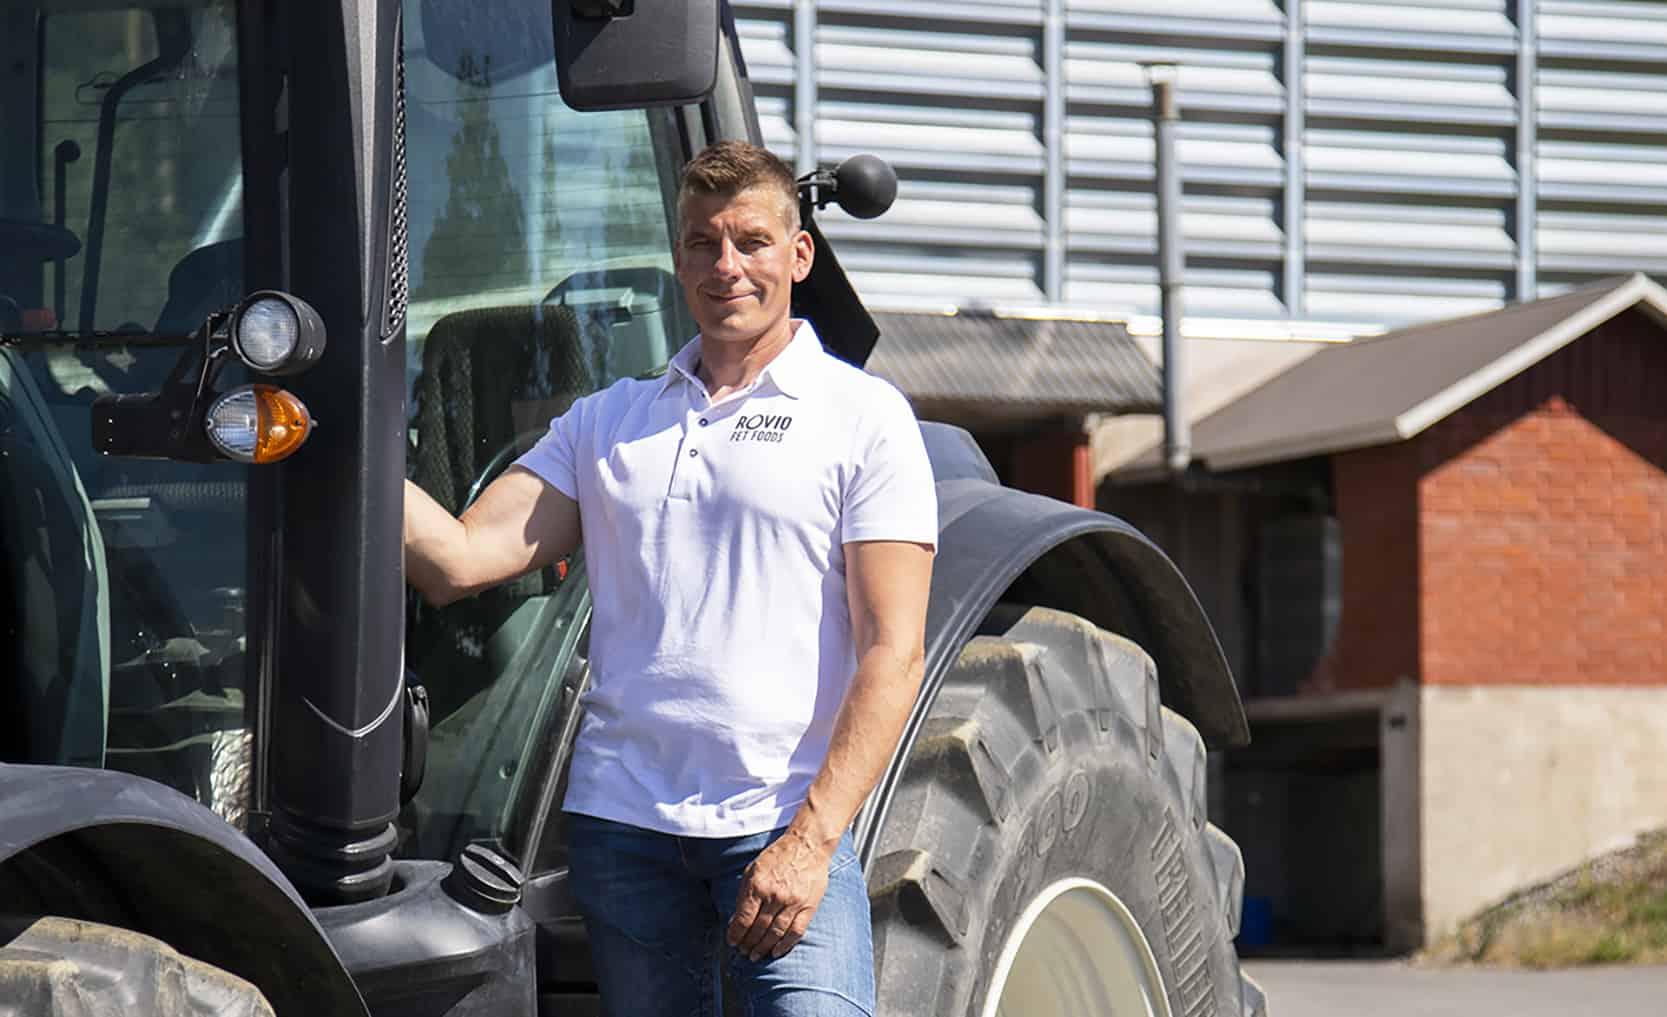 Tero Rovio traktorin vieressä.